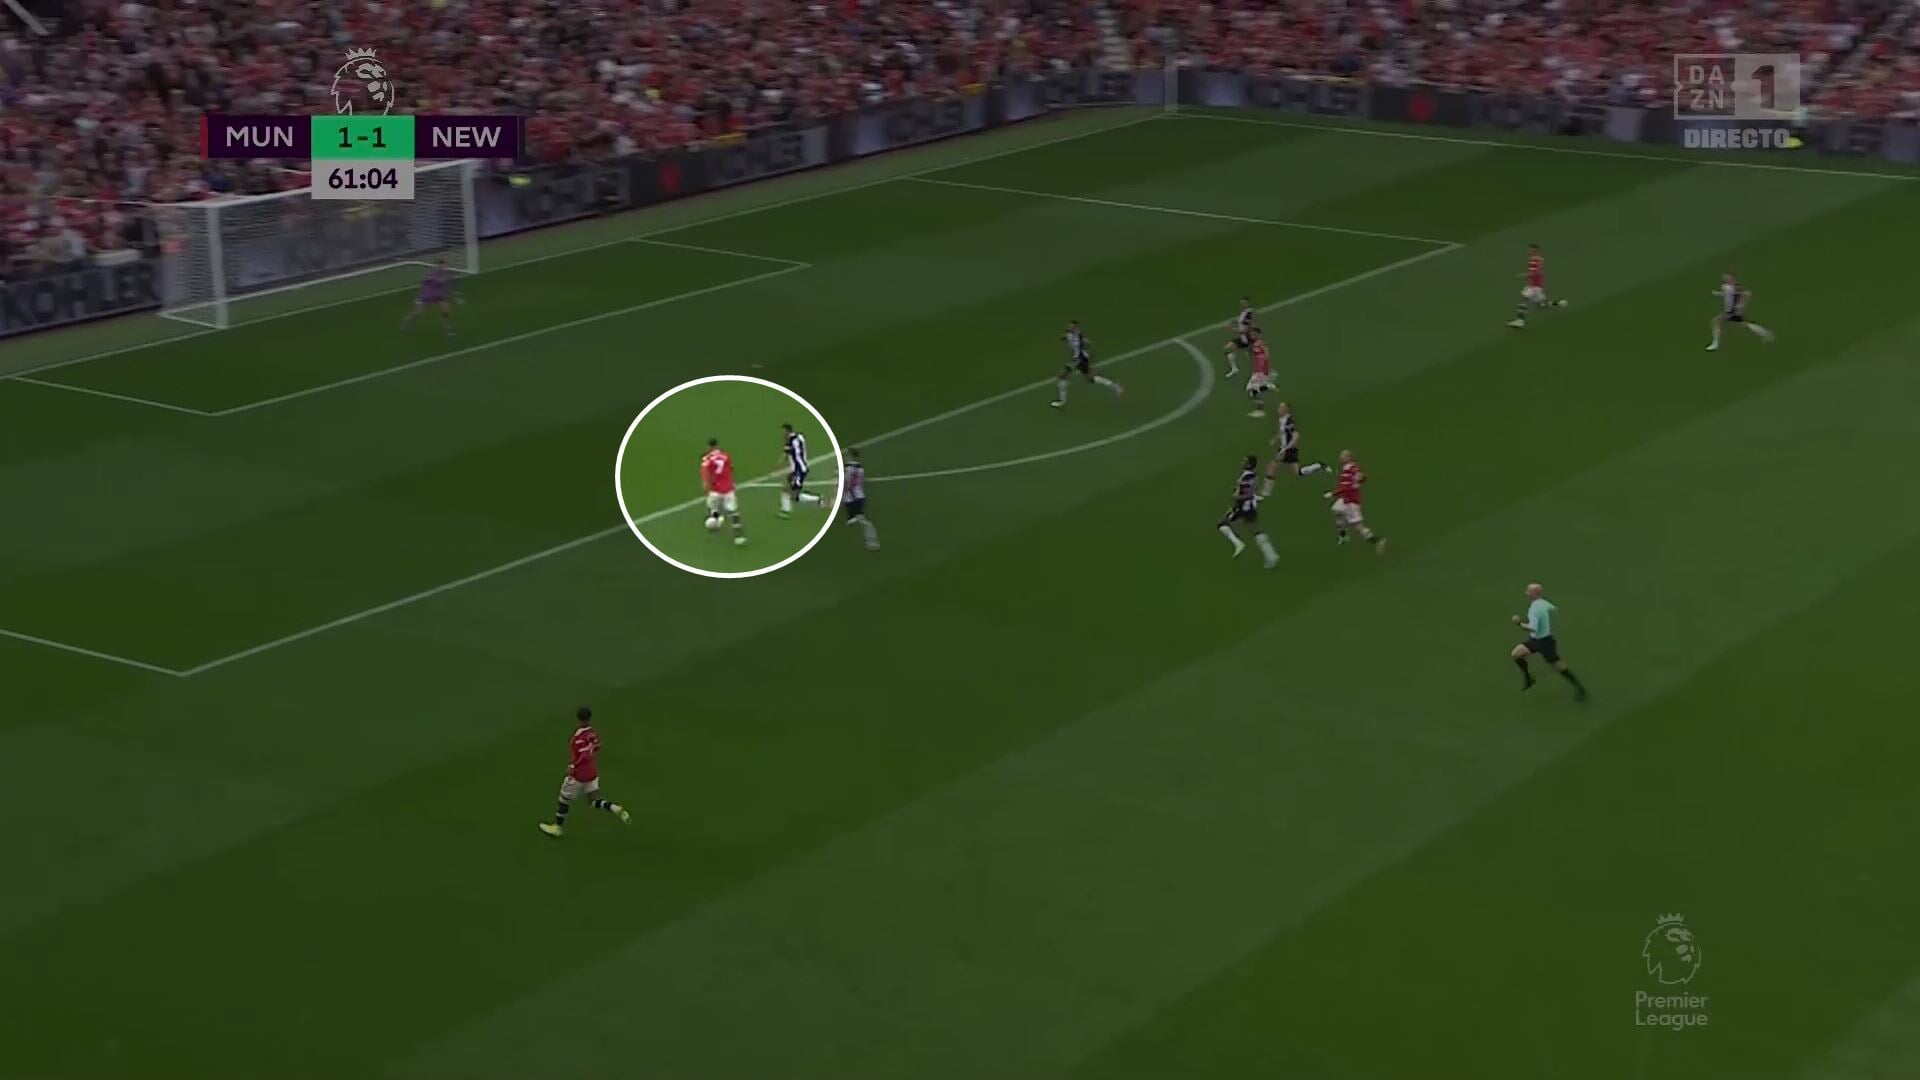 Роналду во втором дебюте за «МЮ»: играл свободного нападающего, выбил норму по ударам из штрафной, волшебно открывался